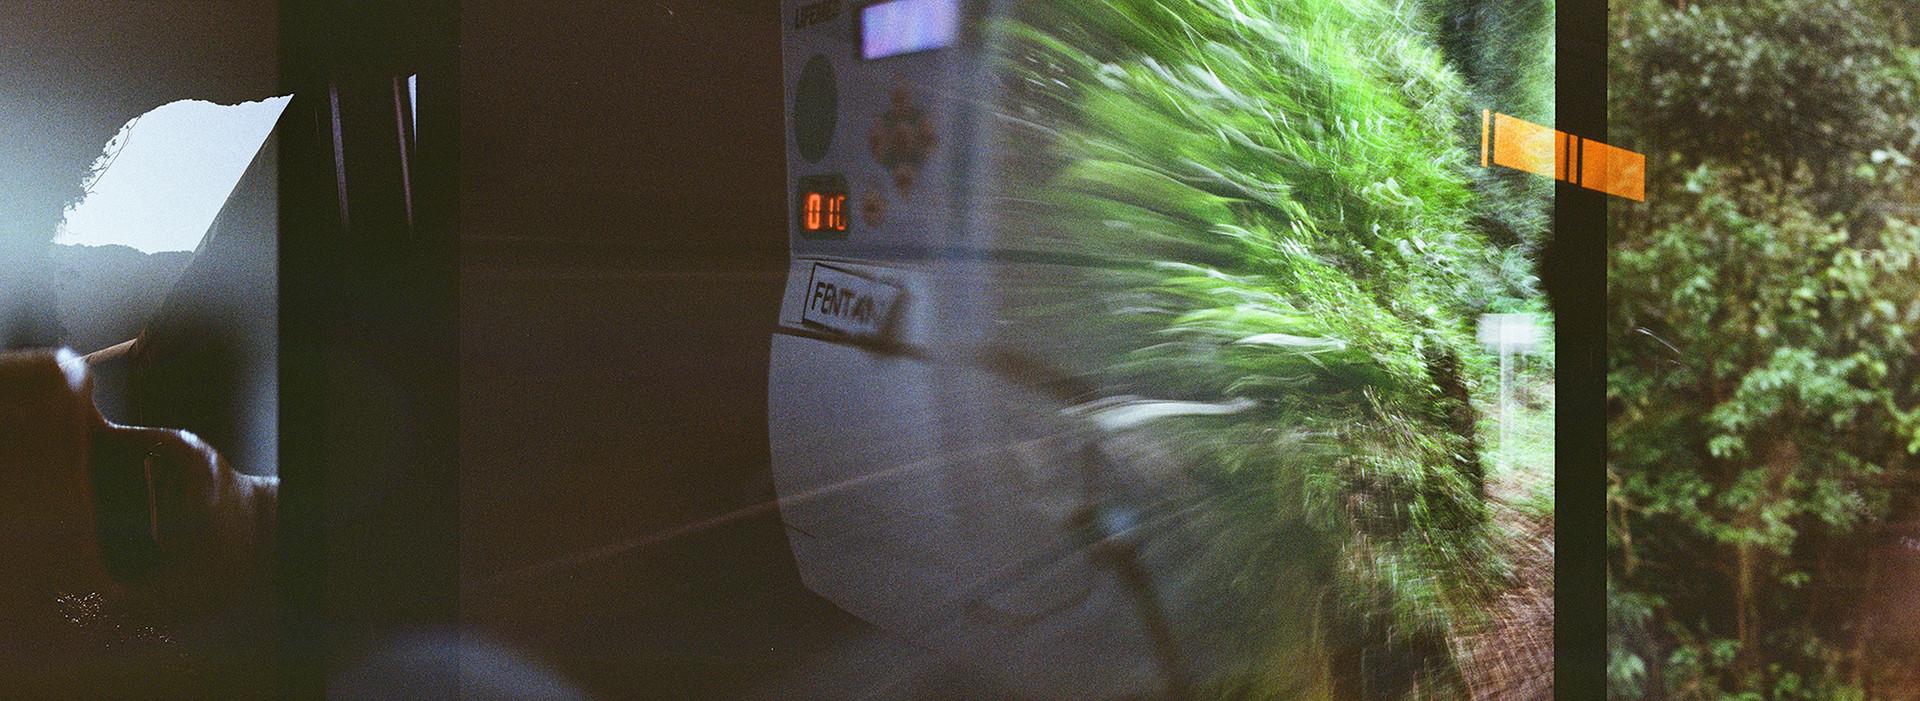 panorama-fotografia-de-Cayo-Vieira-010.j